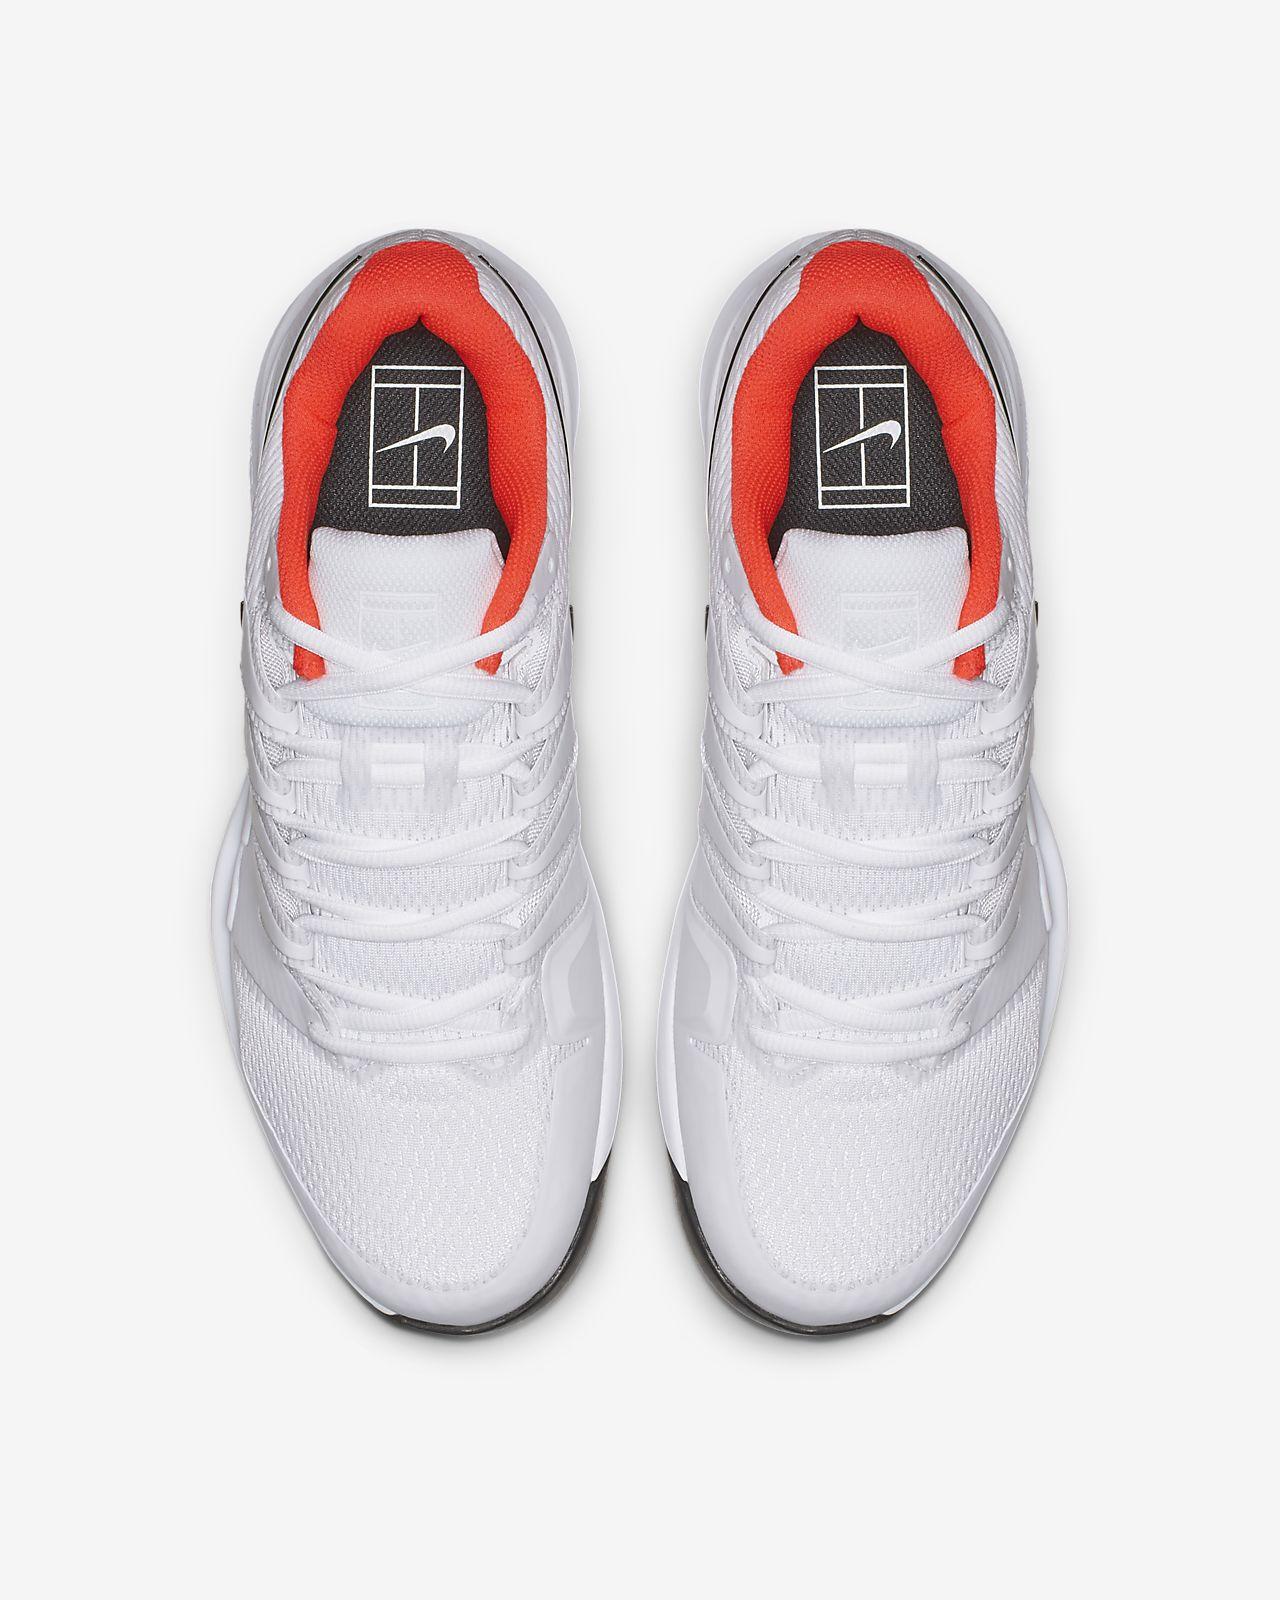 Nike Rojo Blanco Buena Calidad Zoom Vapor Tour Clay